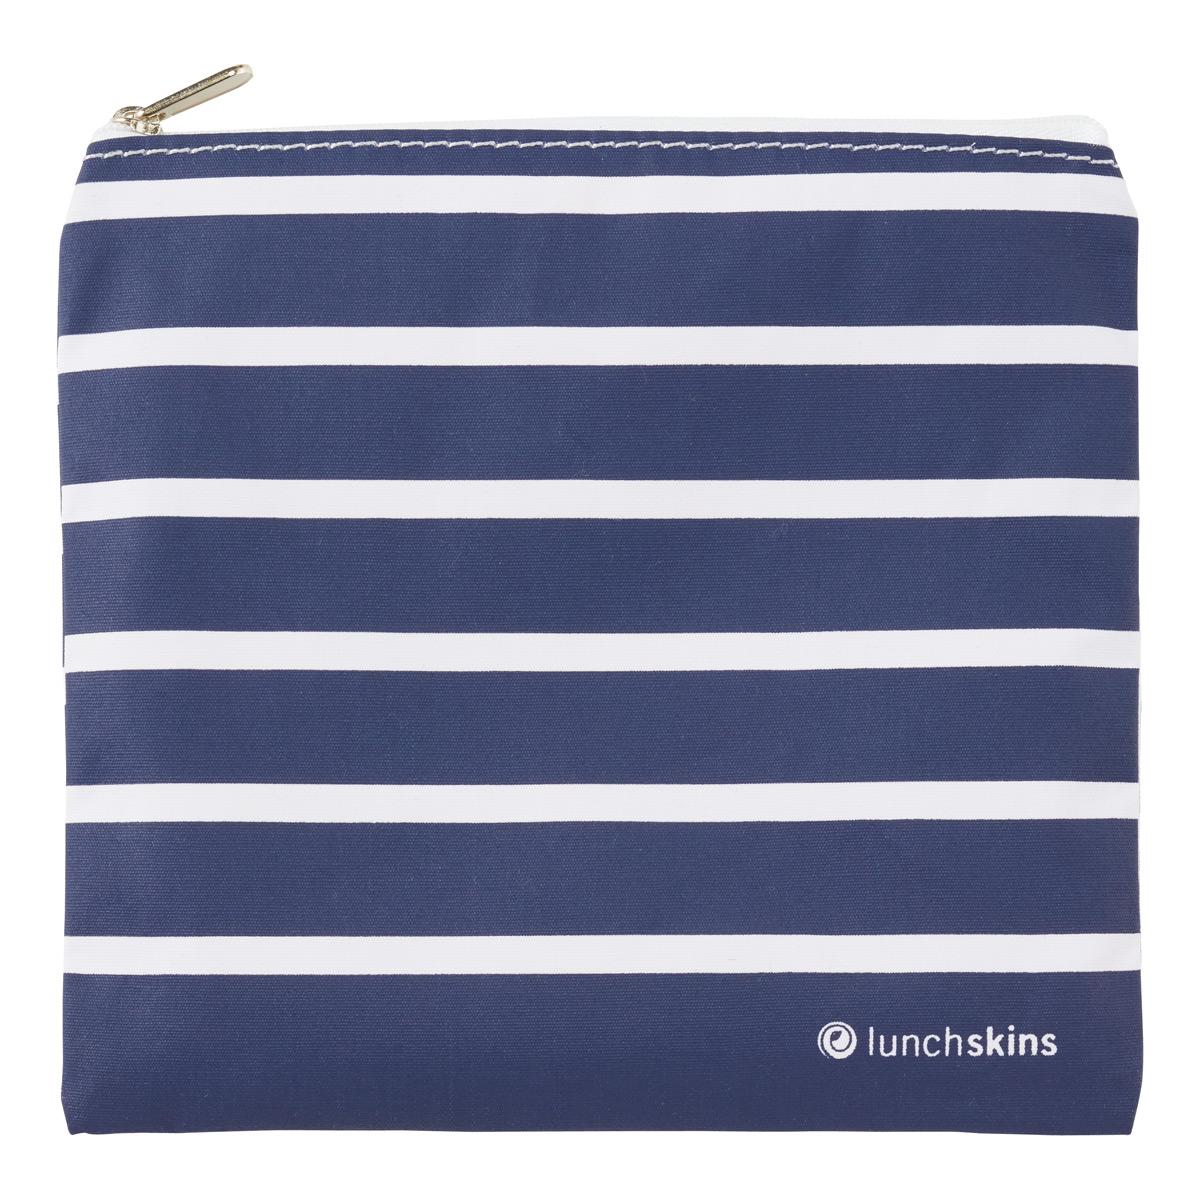 lunchskins~ Zippered Bag